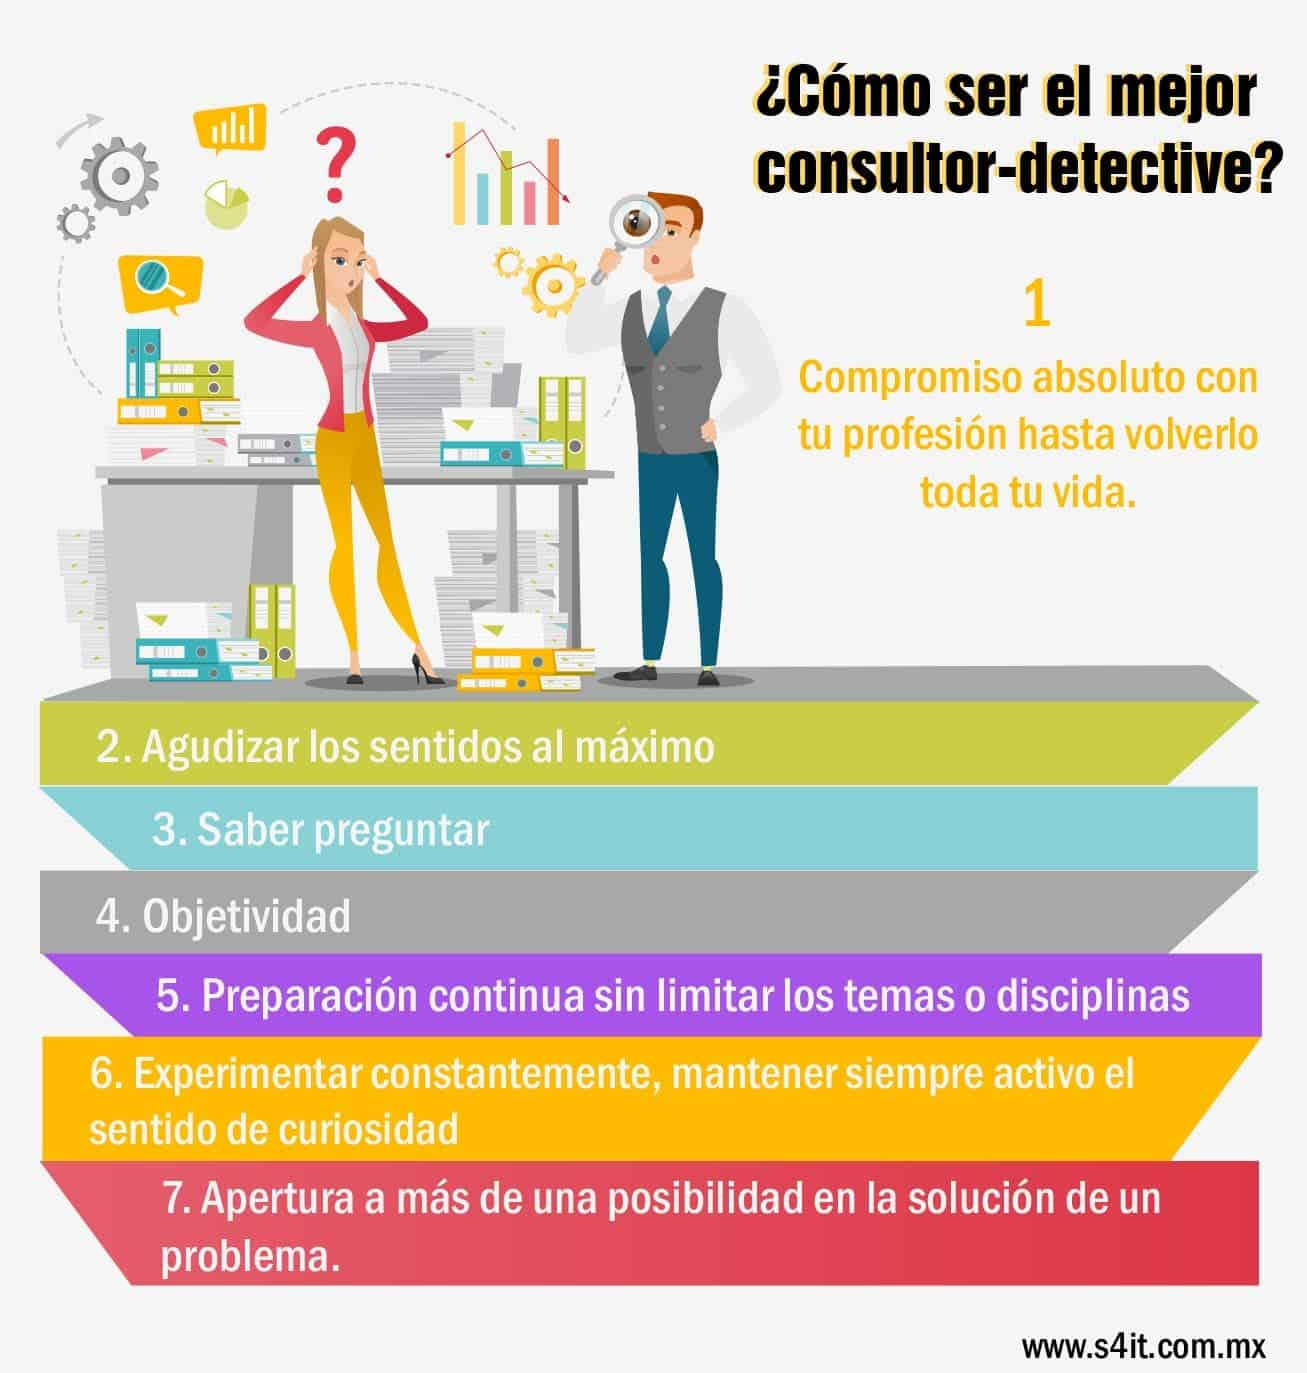 Infografía consultor-detective, habilidades de un buen consultor